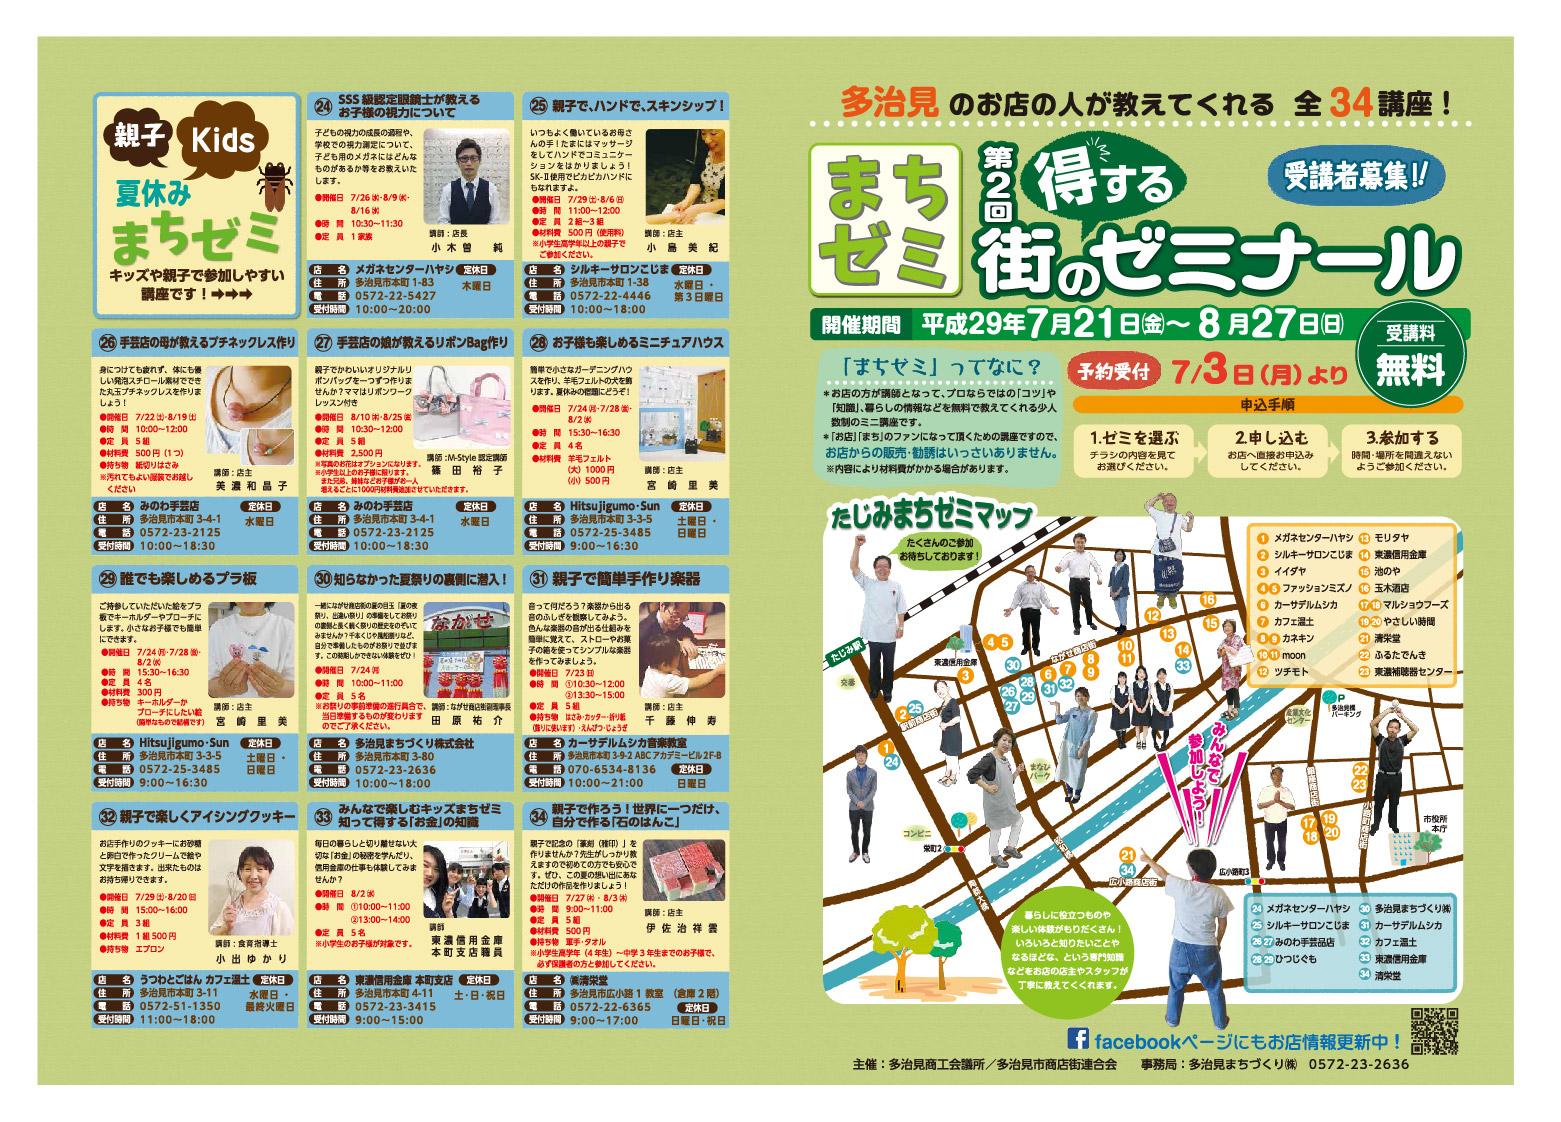 「たじみまちゼミ」第2回得する街のゼミナール